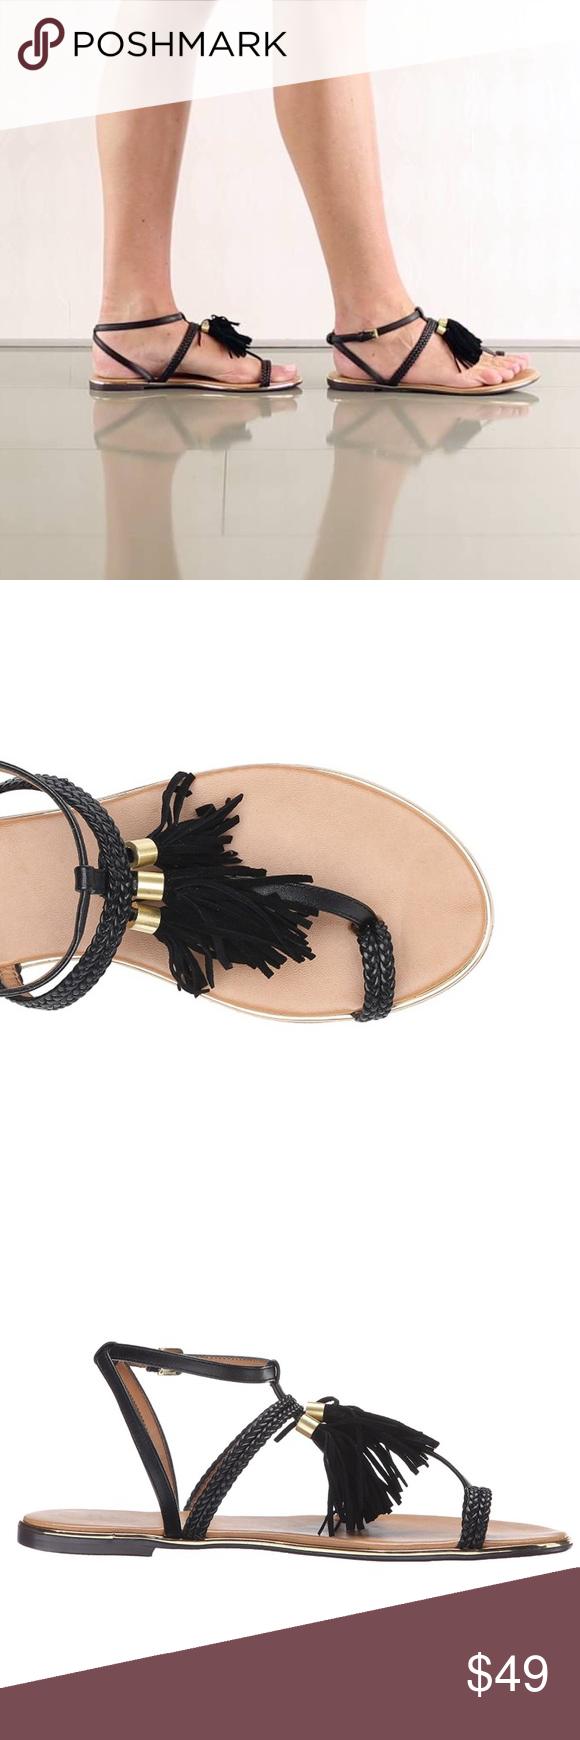 7f2f5801f Tassel Fringe Black Gold Hardware Sandal Tassel embellished Sandals.  Breaded Straps with Tassel and Fringe